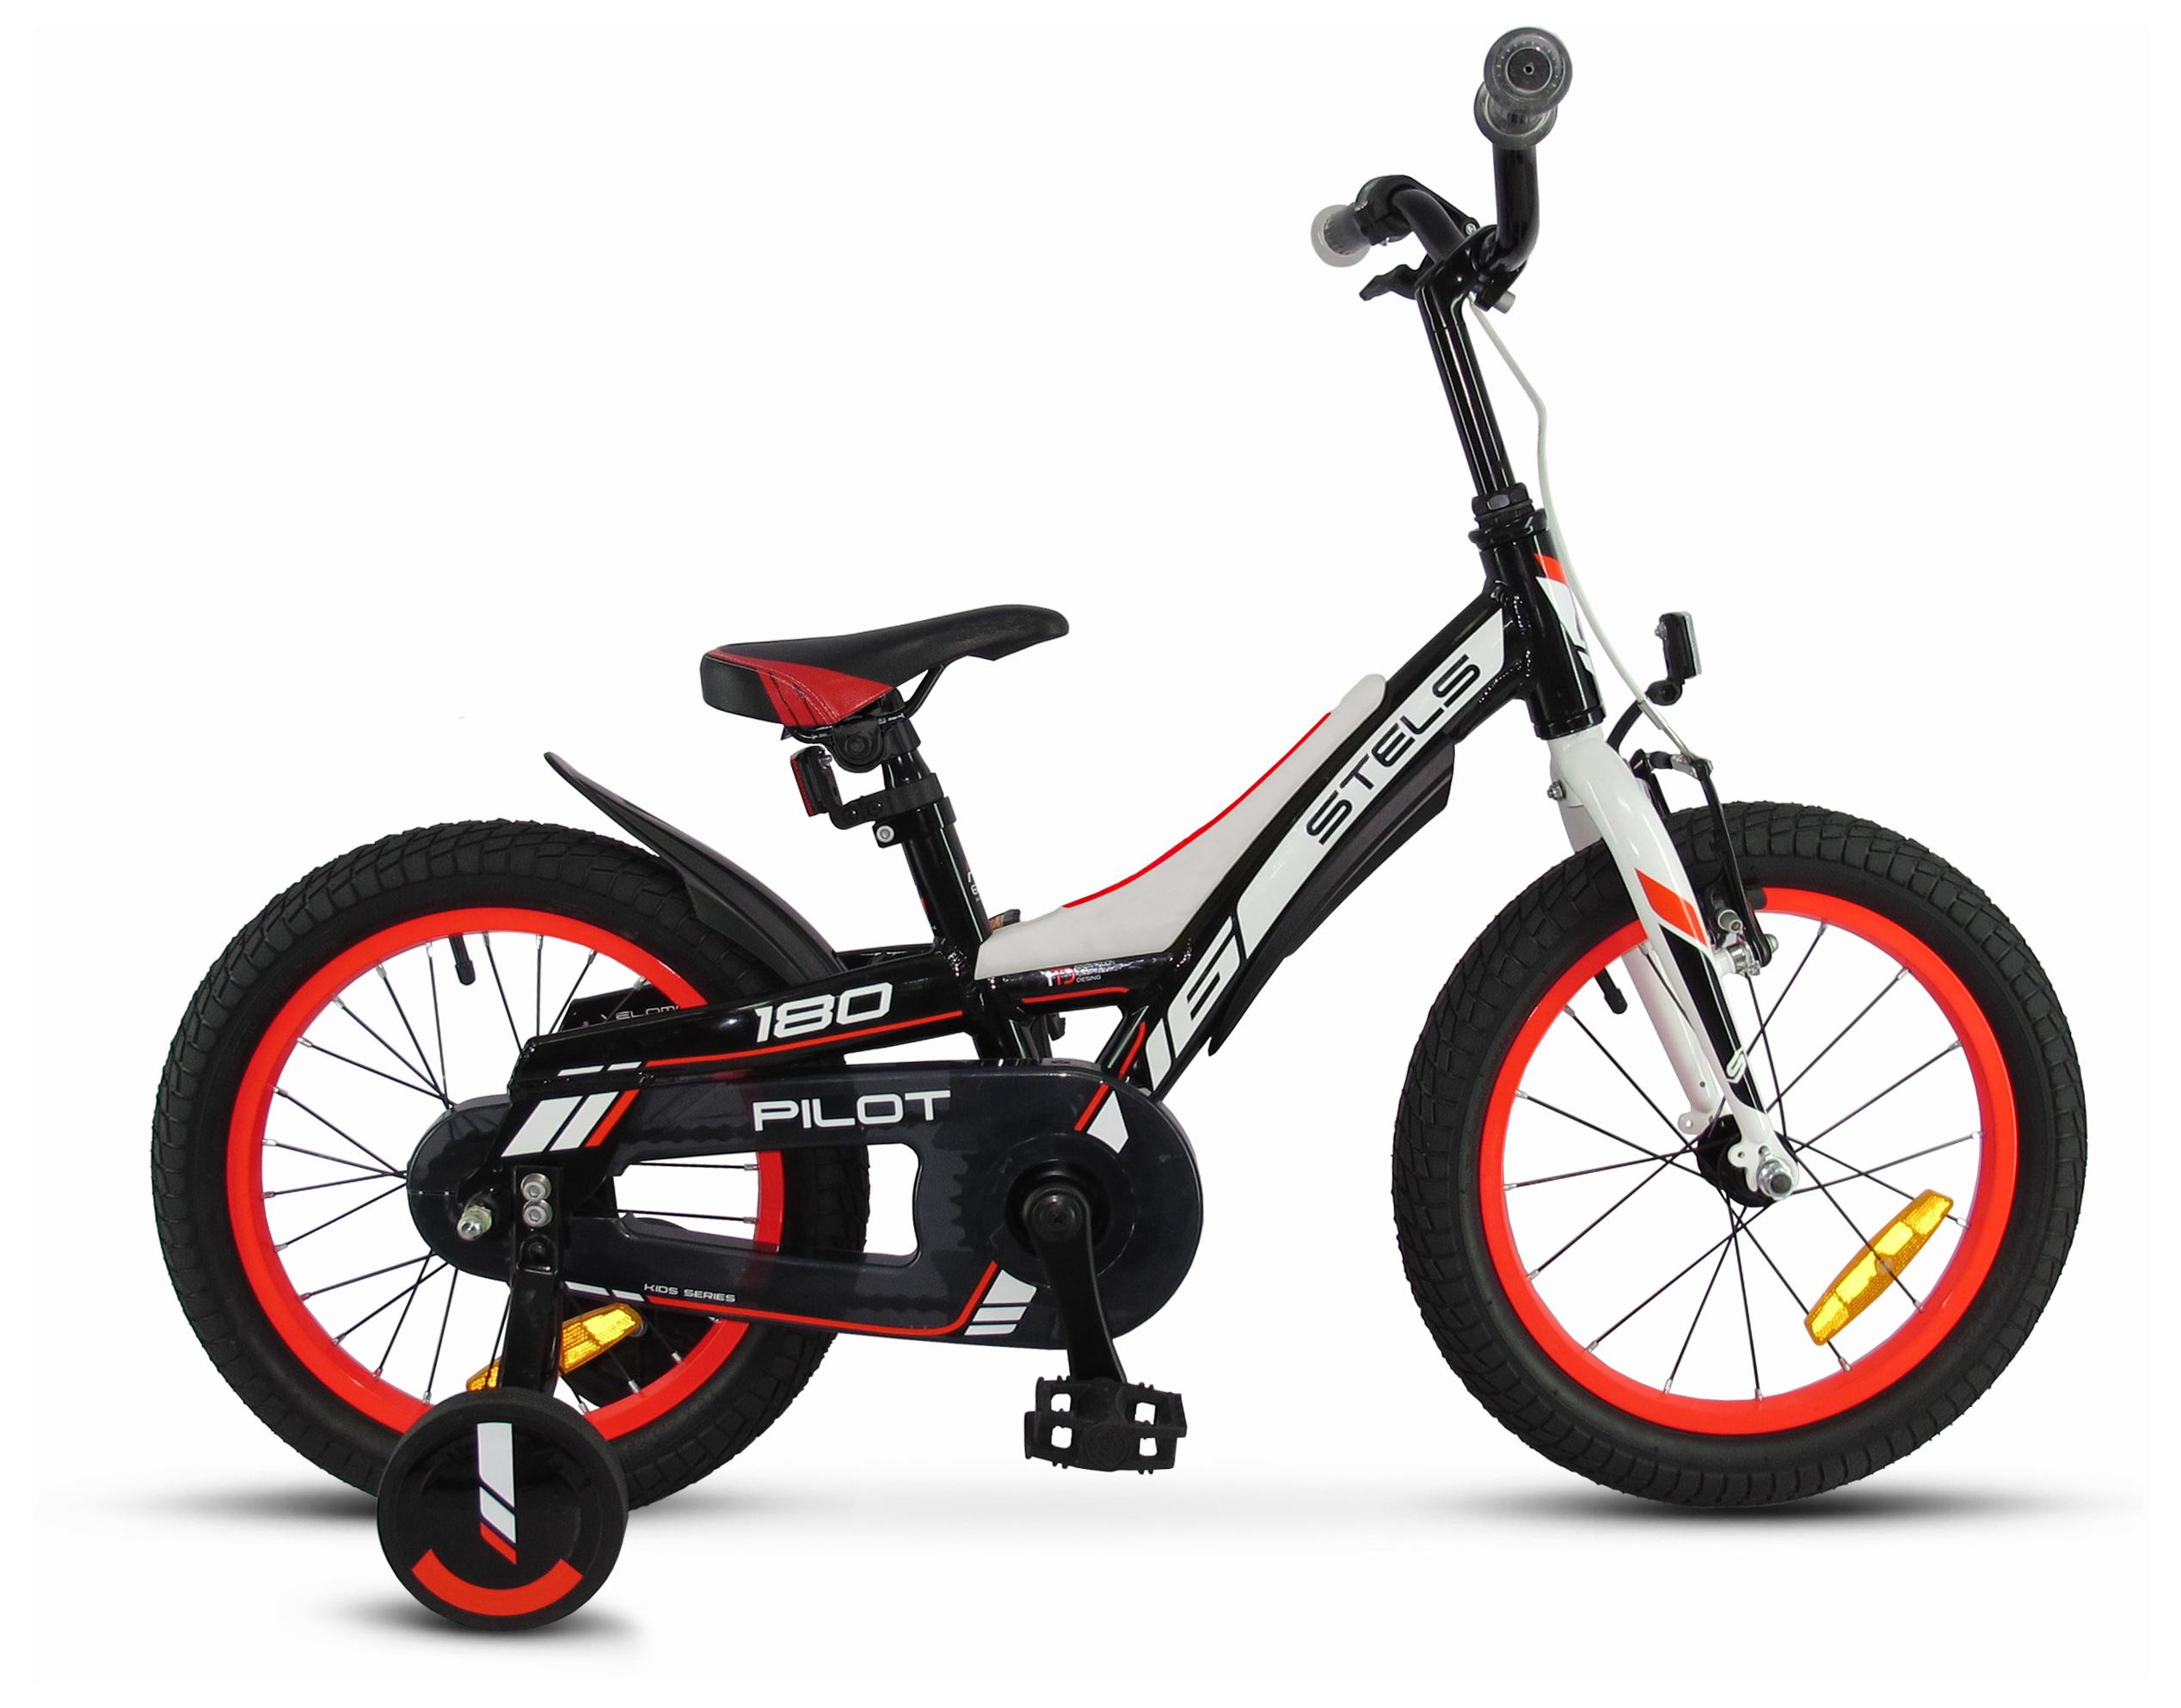 цена на Велосипед Stels Pilot 180 16 (V010) 2019